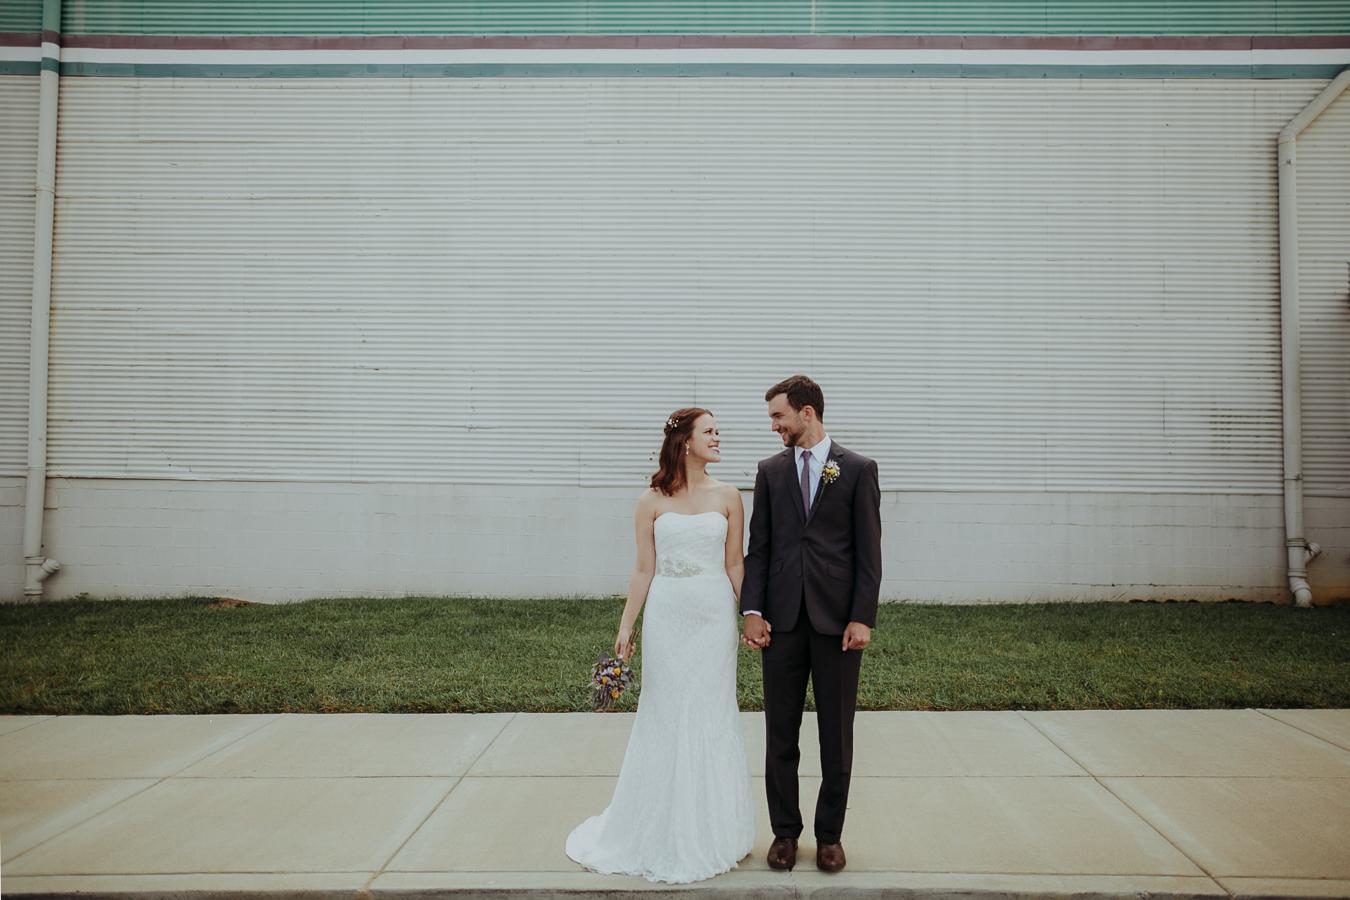 Nashville Wedding Photograpger - Photography Anthology-83.jpg